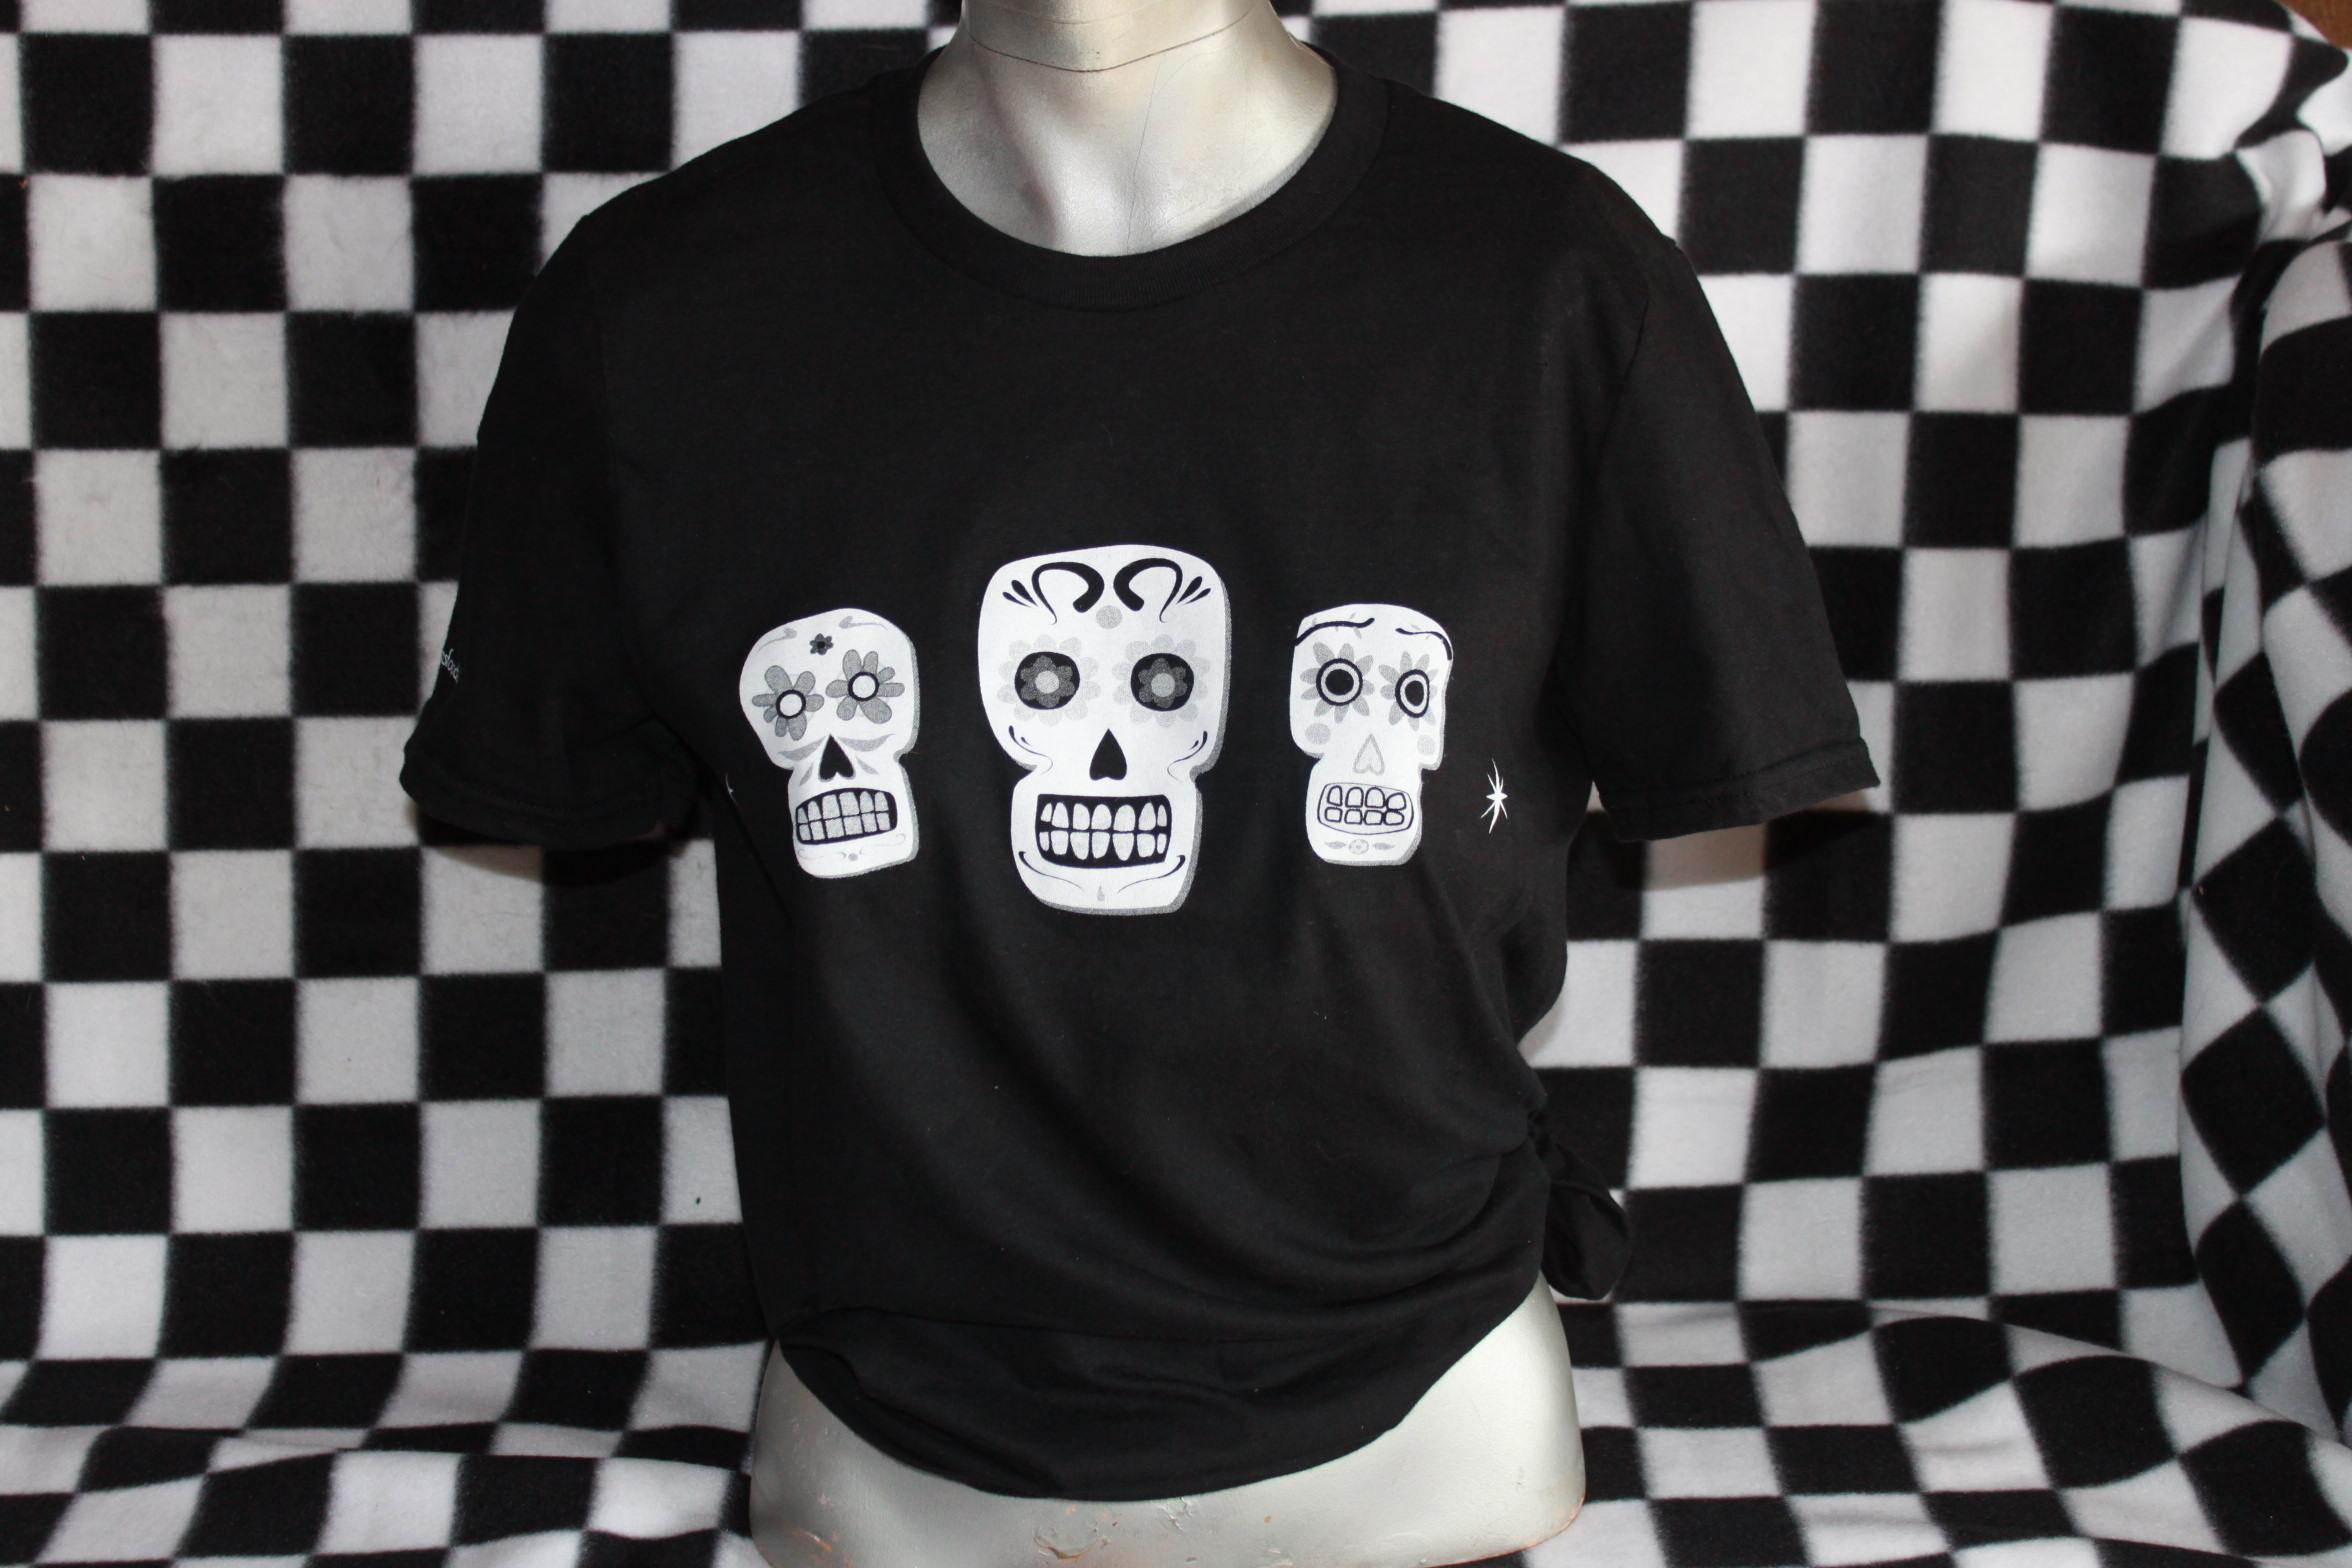 Nacho Mama's T-shirt